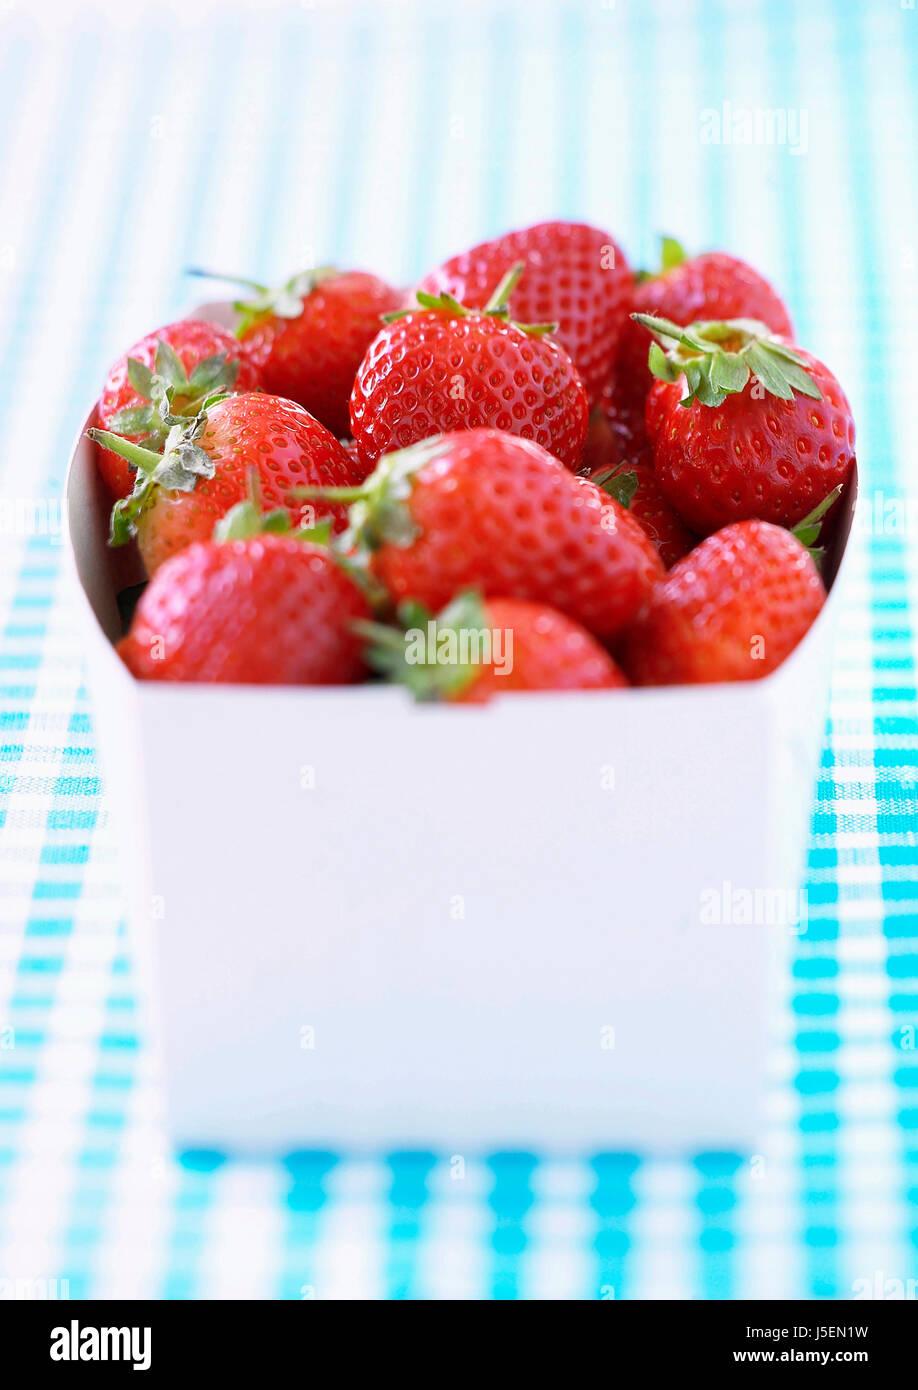 Erdbeere, Fragaria X ananassa, Studioaufnahme von roten Früchten im Container. Stockbild